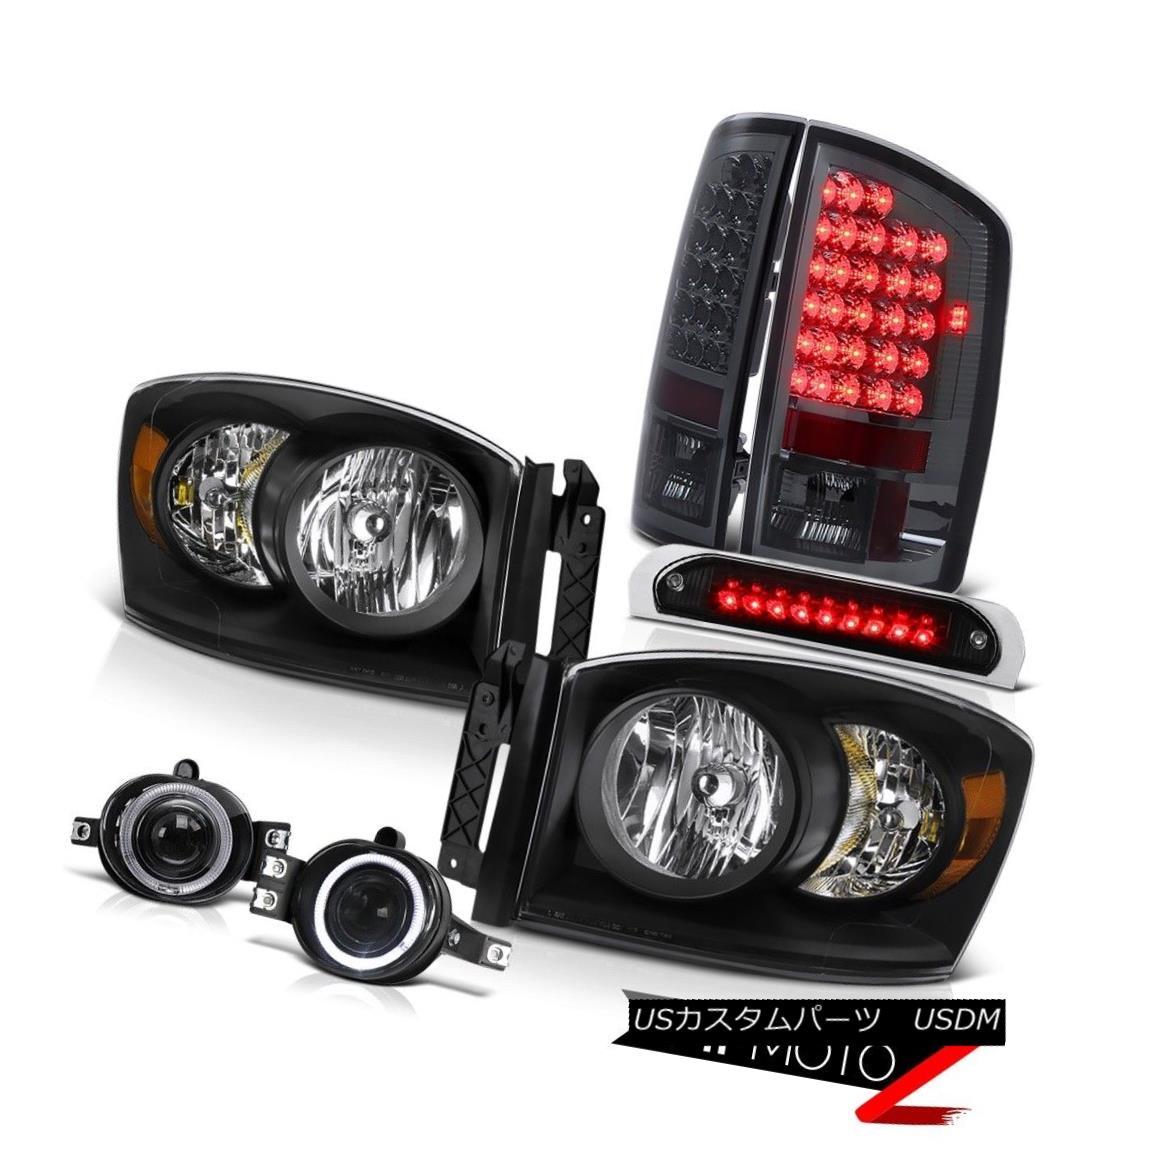 テールライト Left Right Headlamps Smoked LED Taillamps Projector Foglights Brake 06 Dodge Ram 左のライトヘッドランプスモークLEDテールランププロジェクターフォグライトブレーキ06 Dodge Ram